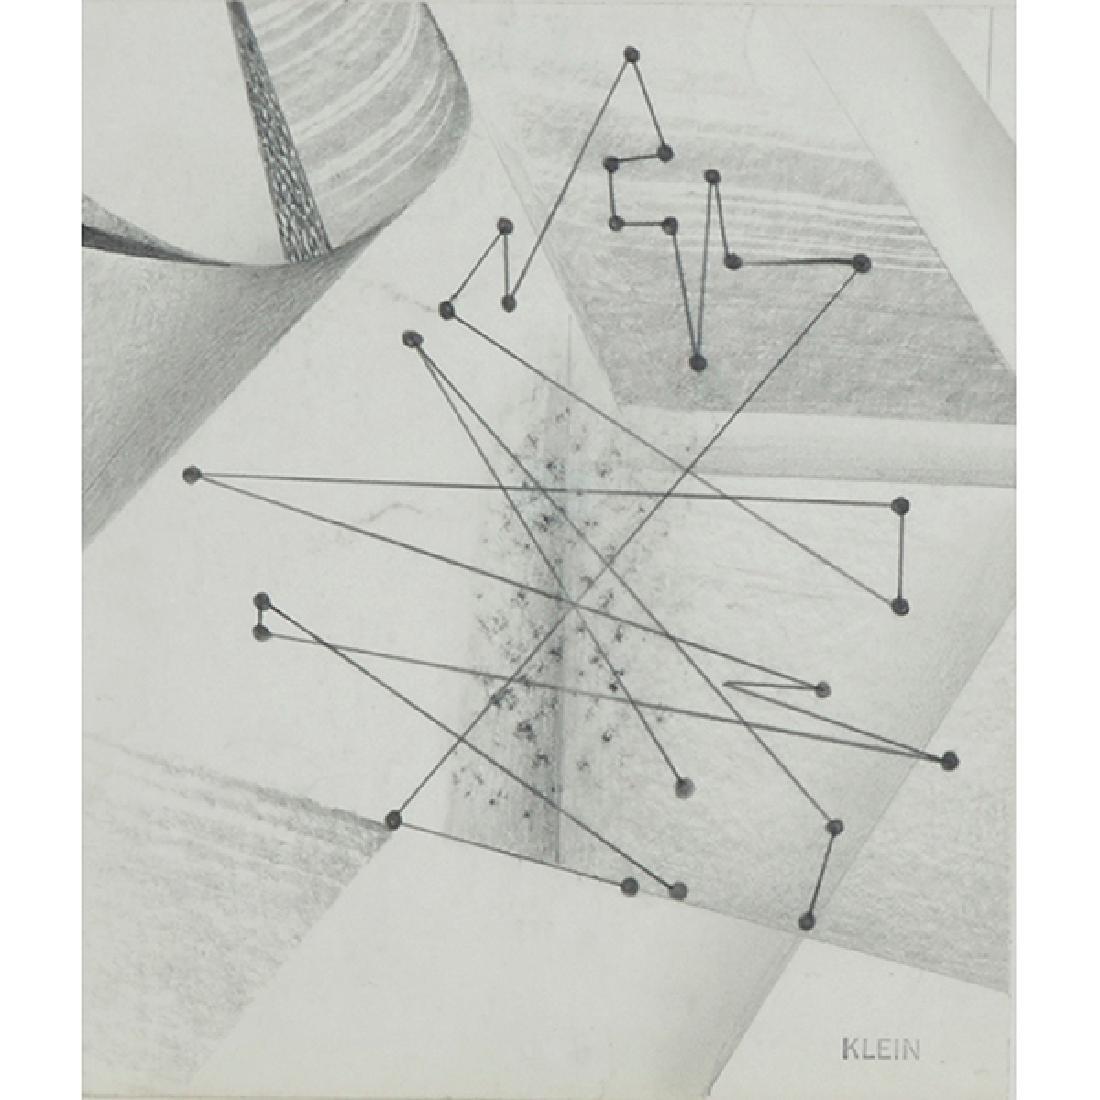 Medard Klein, (American, 1905-2002), Untitled, graphite